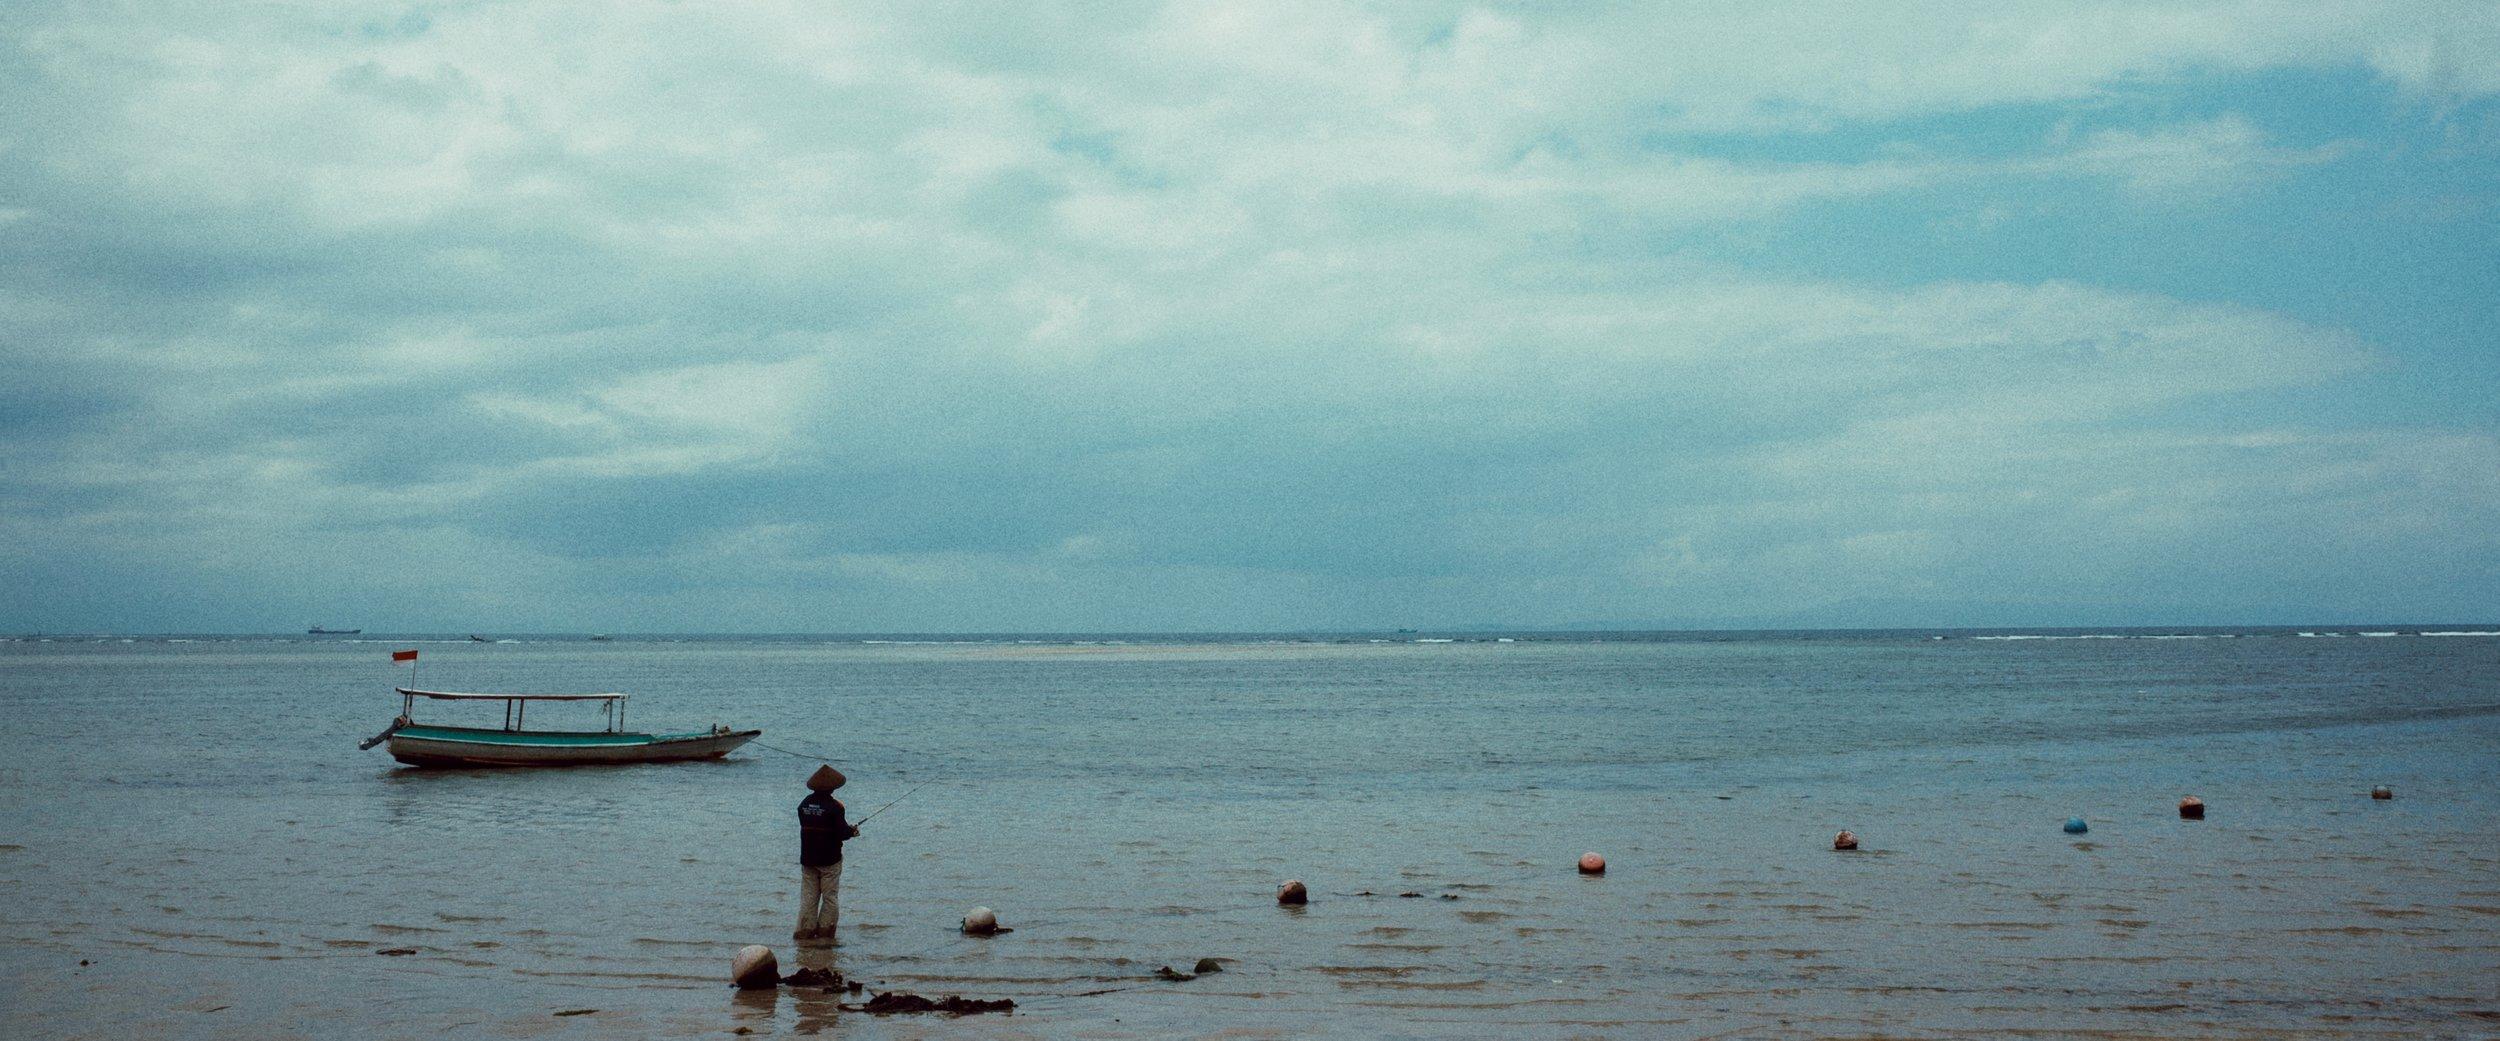 bali fisher by jevgenij tichonov.JPG